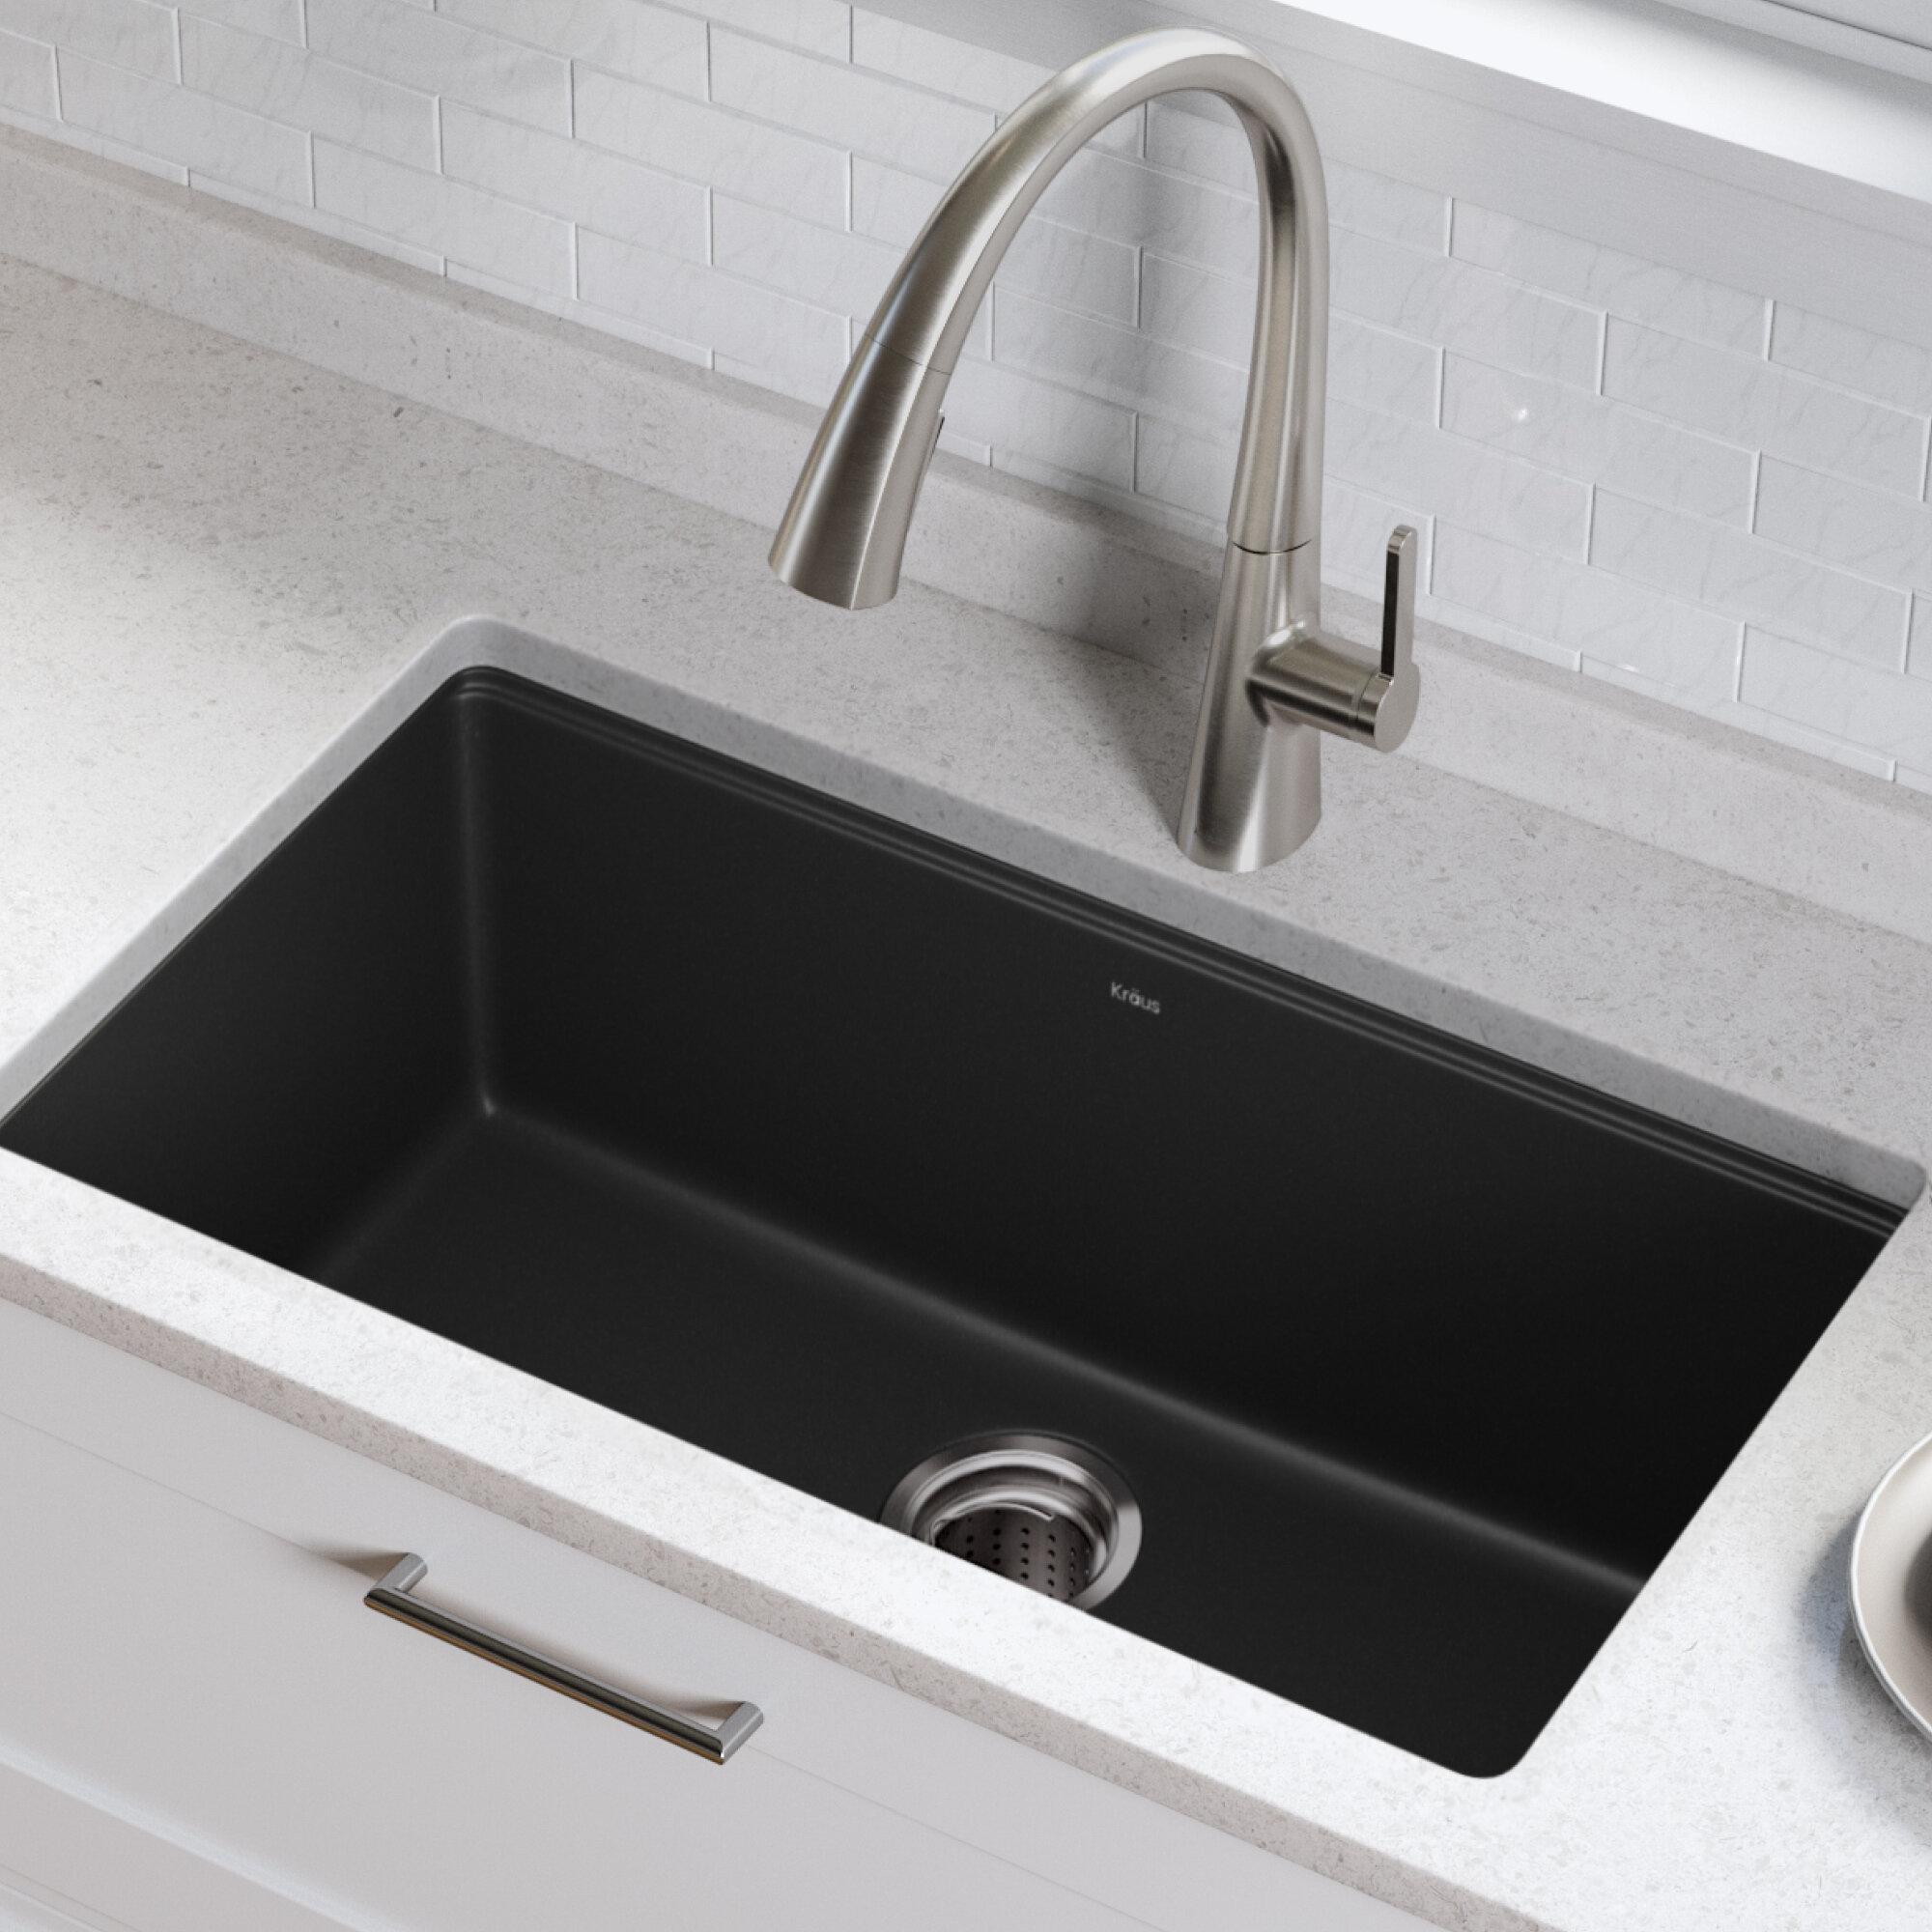 17 W Undermount Kitchen Sink